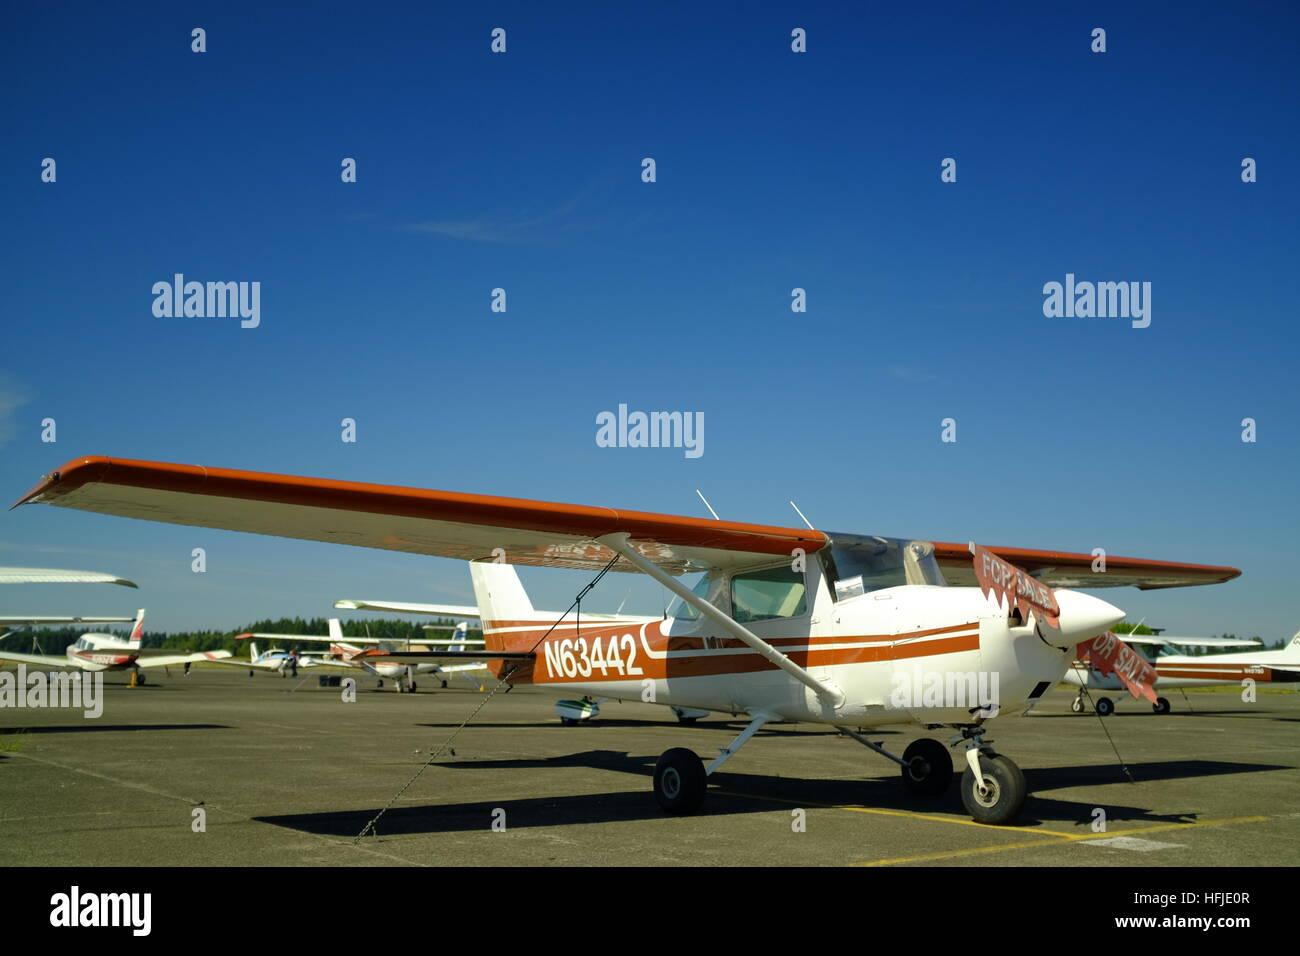 Cessna 150 Stock Photos & Cessna 150 Stock Images - Alamy